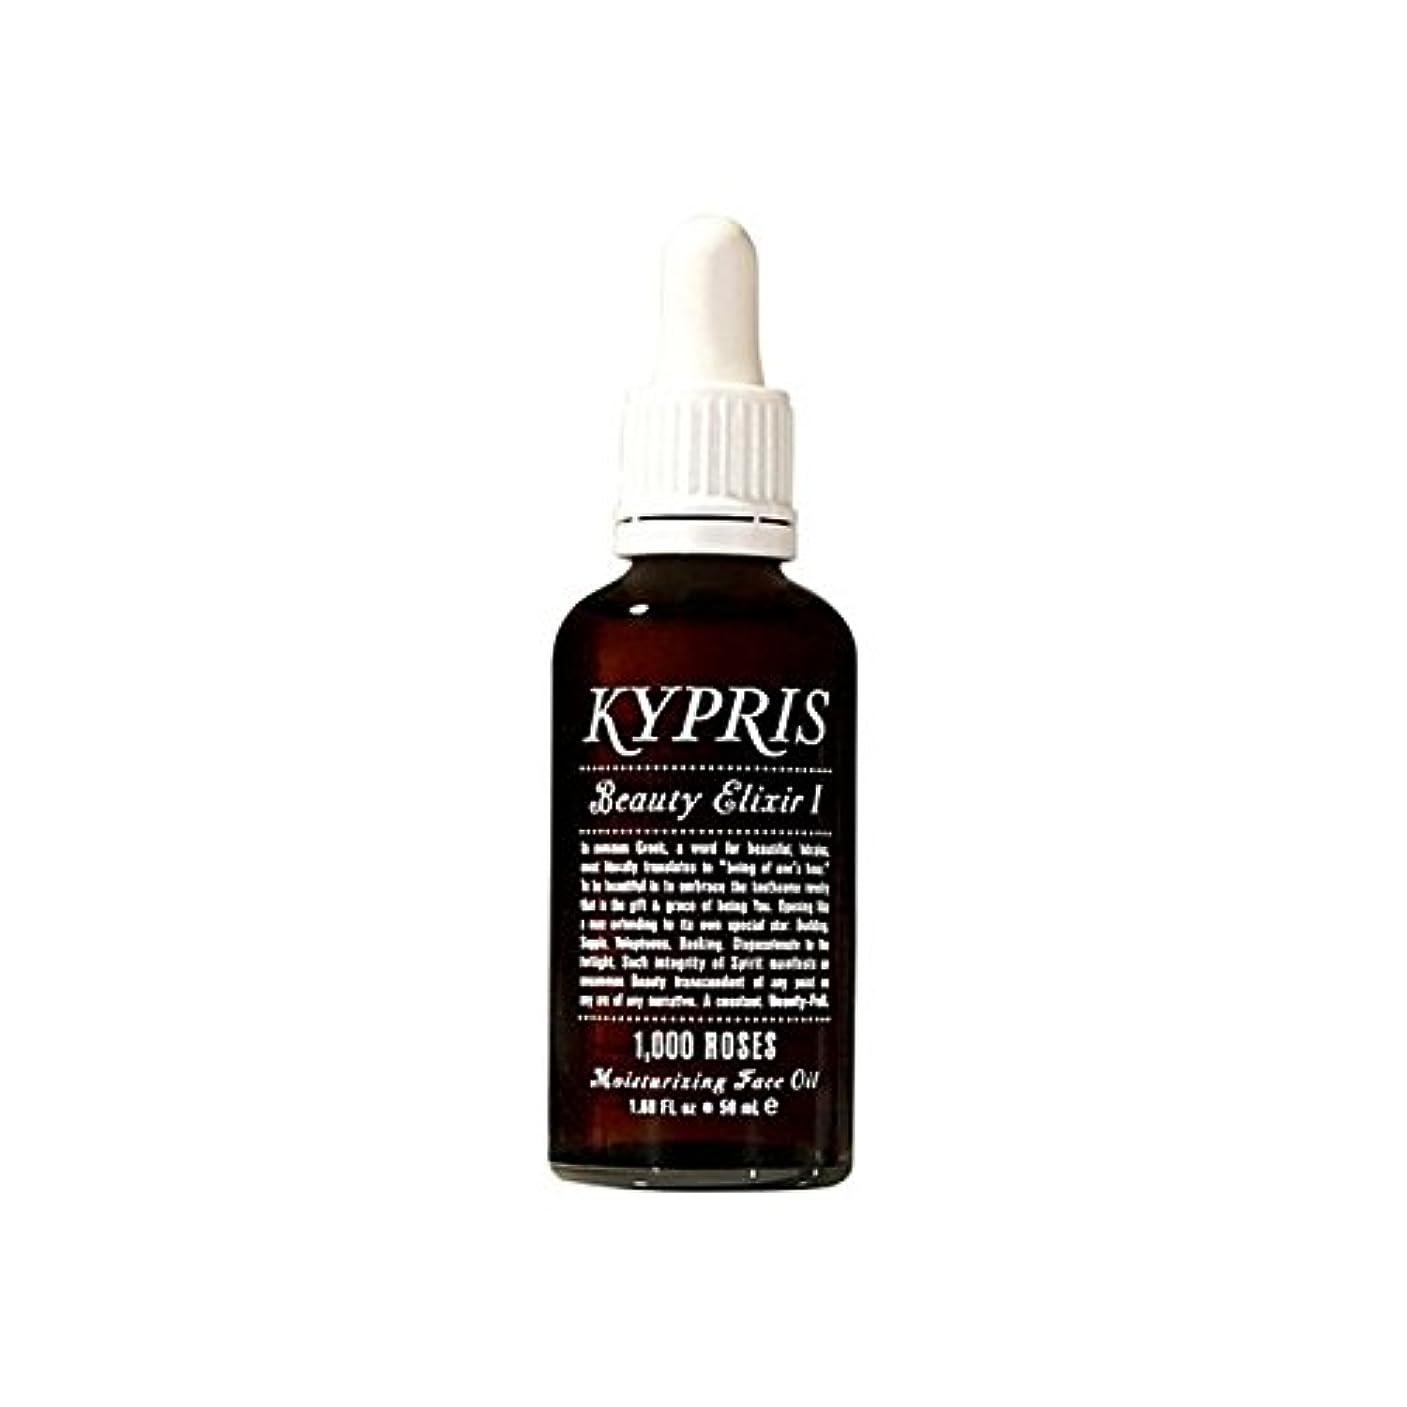 噴出するオフセット彼ら千本のバラの50ミリリットル - 美容エリキシル私は x4 - Kypris Beauty Elixir I - 1,000 Roses 50Ml (Pack of 4) [並行輸入品]